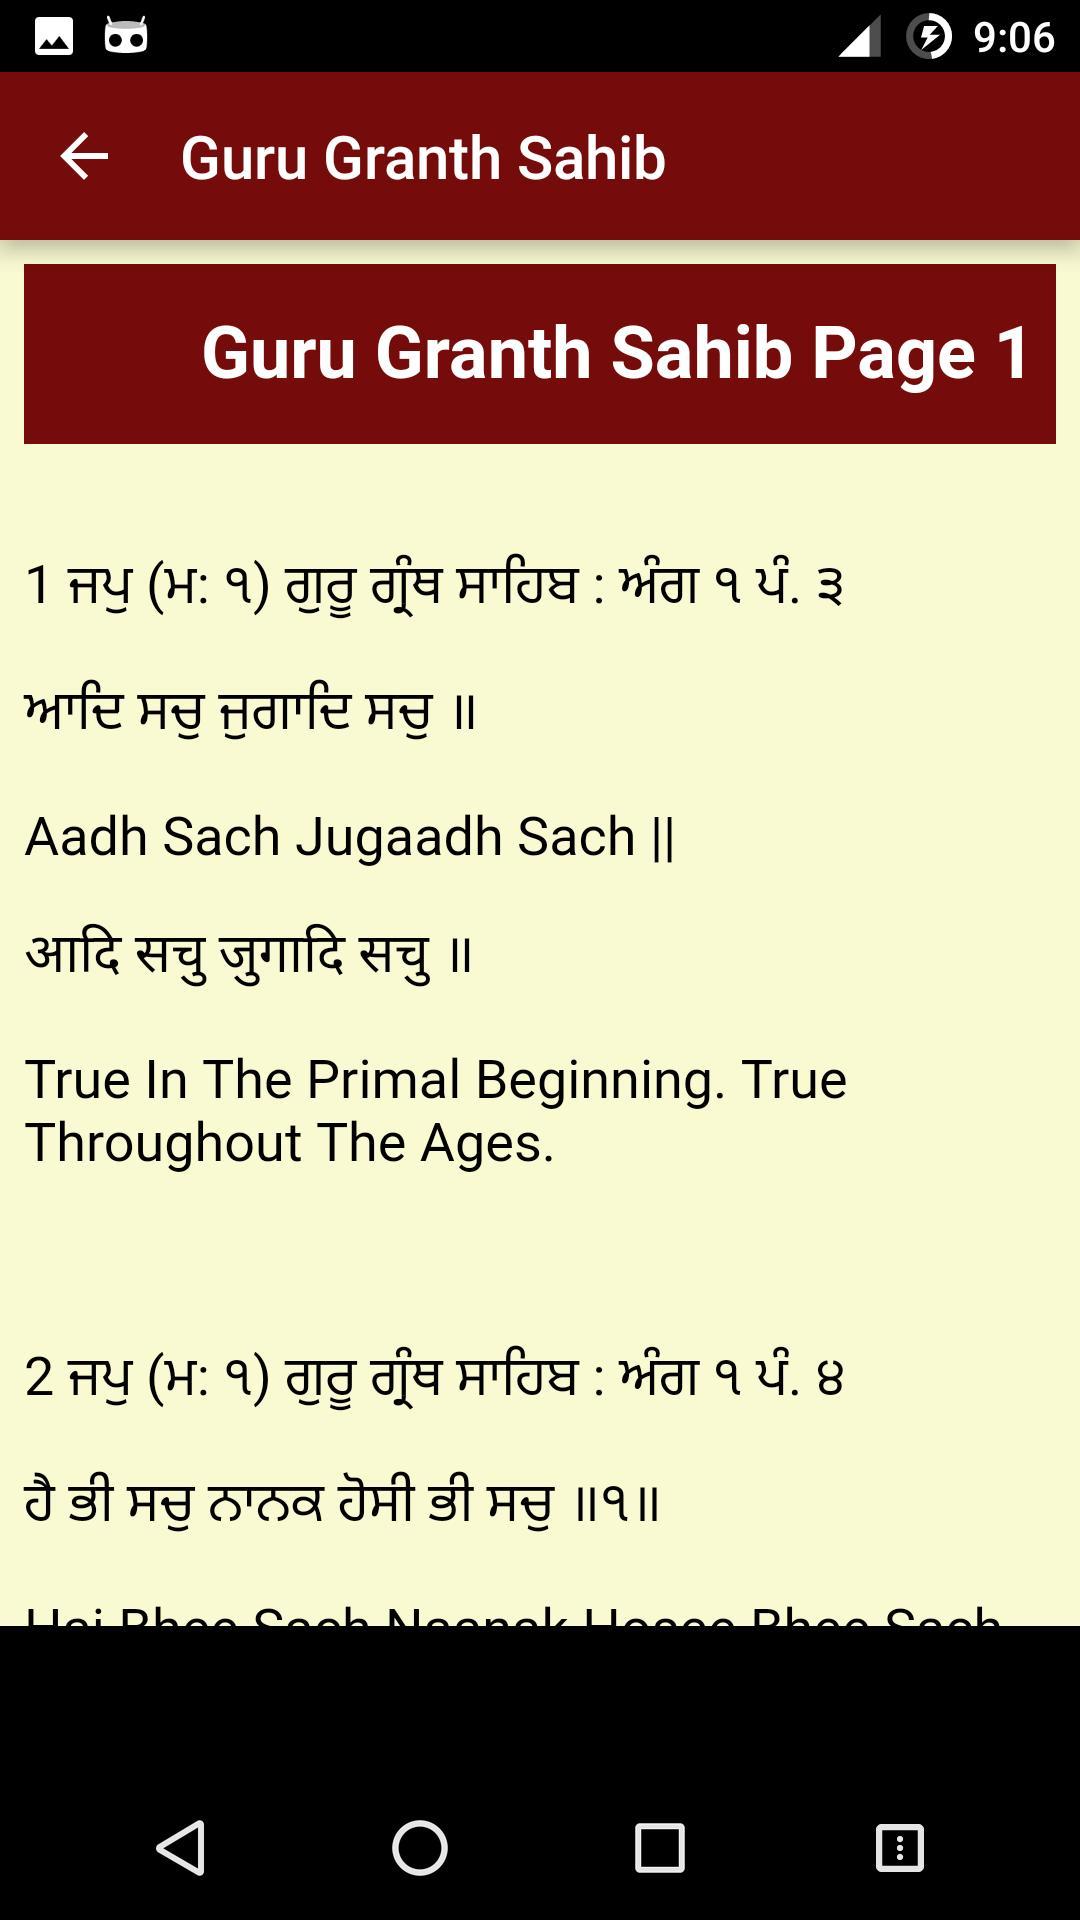 guru granth sahib translation in punjabi free download